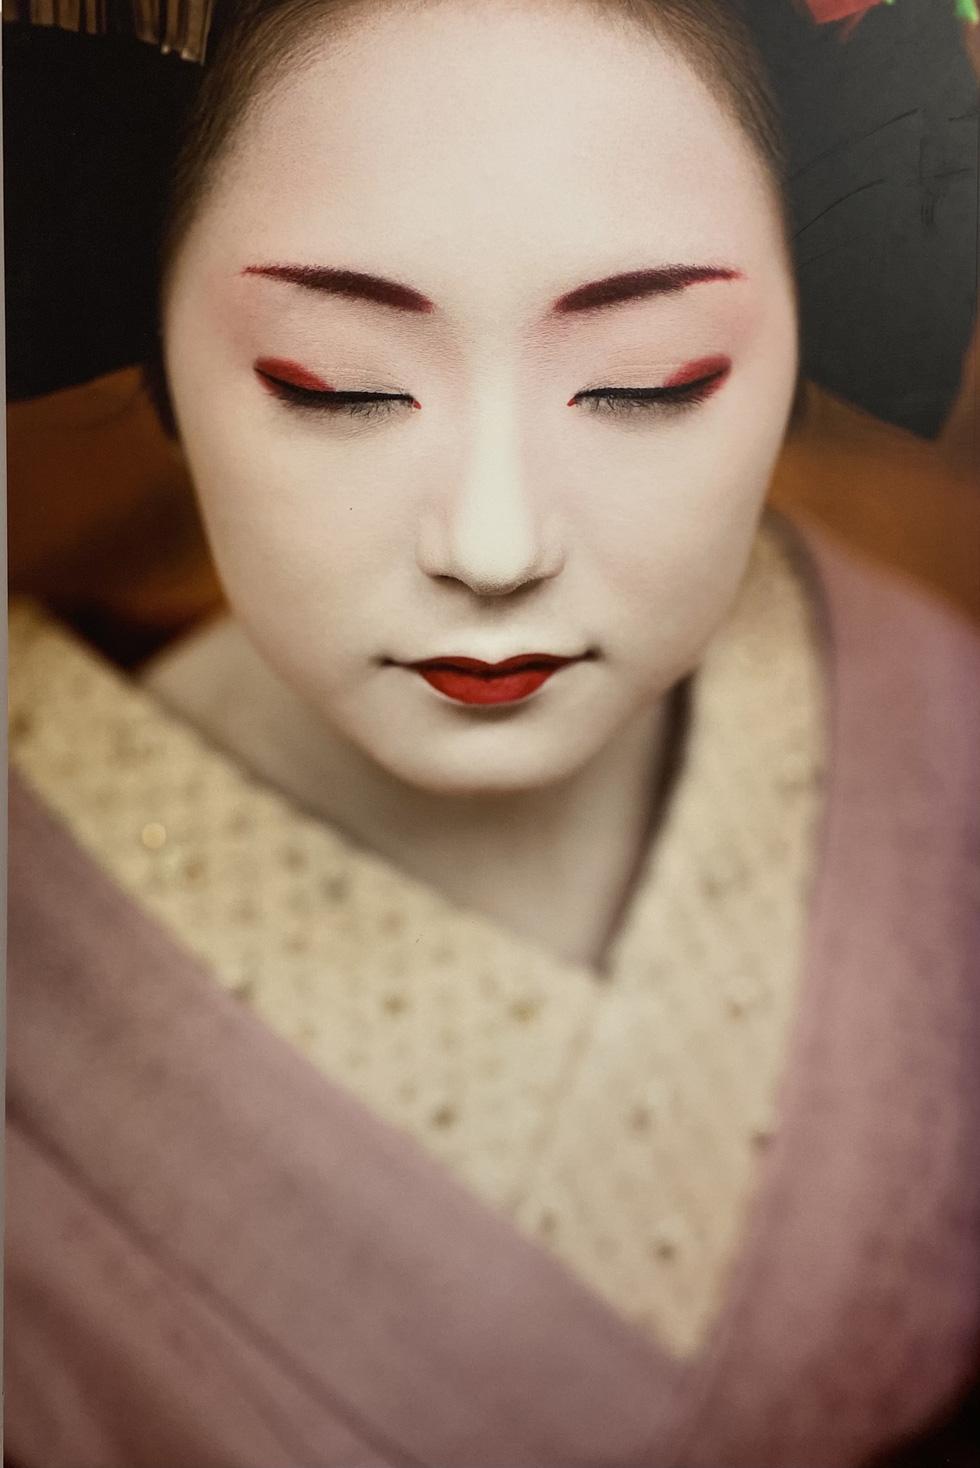 Khoảnh khắc bí ẩn các Maiko Nhật Bản qua khung hình đẹp hút hồn của nhiếp ảnh gia Pháp - Ảnh 5.